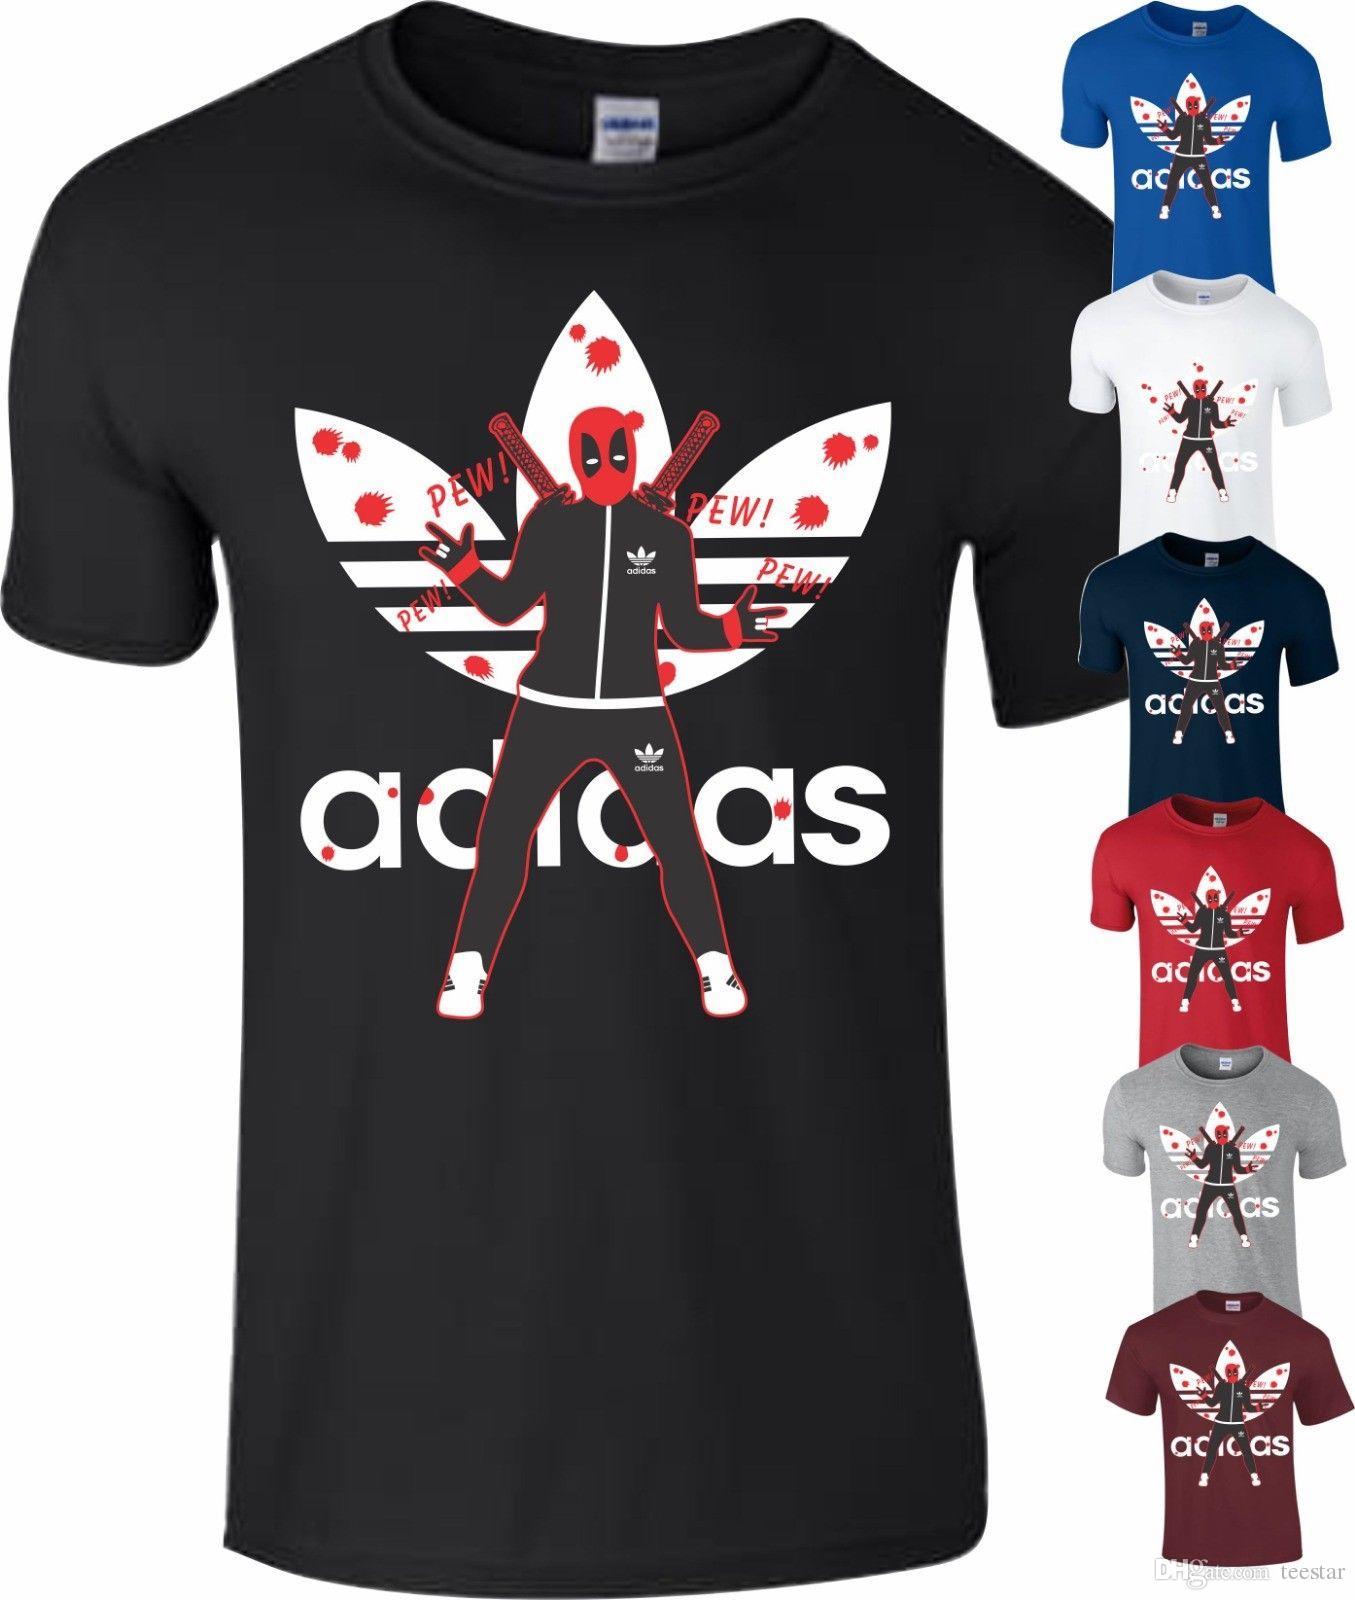 Compre Deadpool Filme Engraçado Marvel Sports Comédia T Camisa De Presente  De Aniversário Dos Miúdos Dos Homens T Shirt Dos Homens Grande  Personalizado ... a3346a580e86c